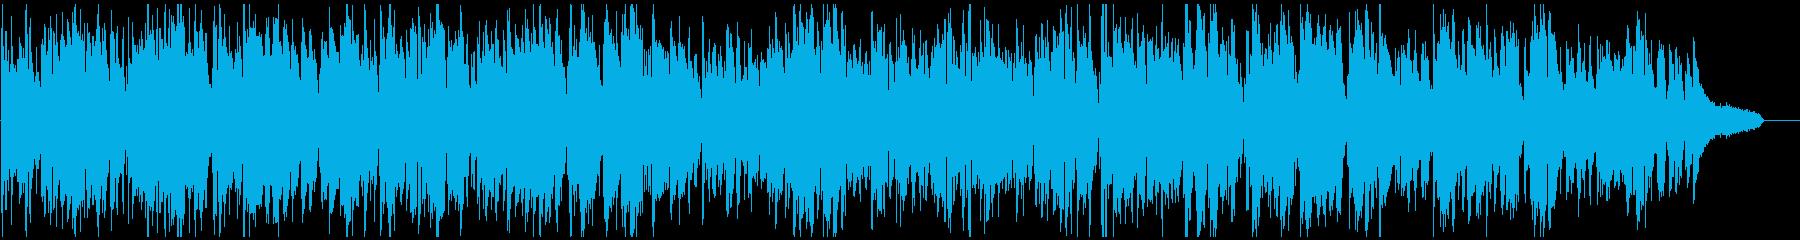 ビンテージサックス生演奏のほんわかジャズの再生済みの波形